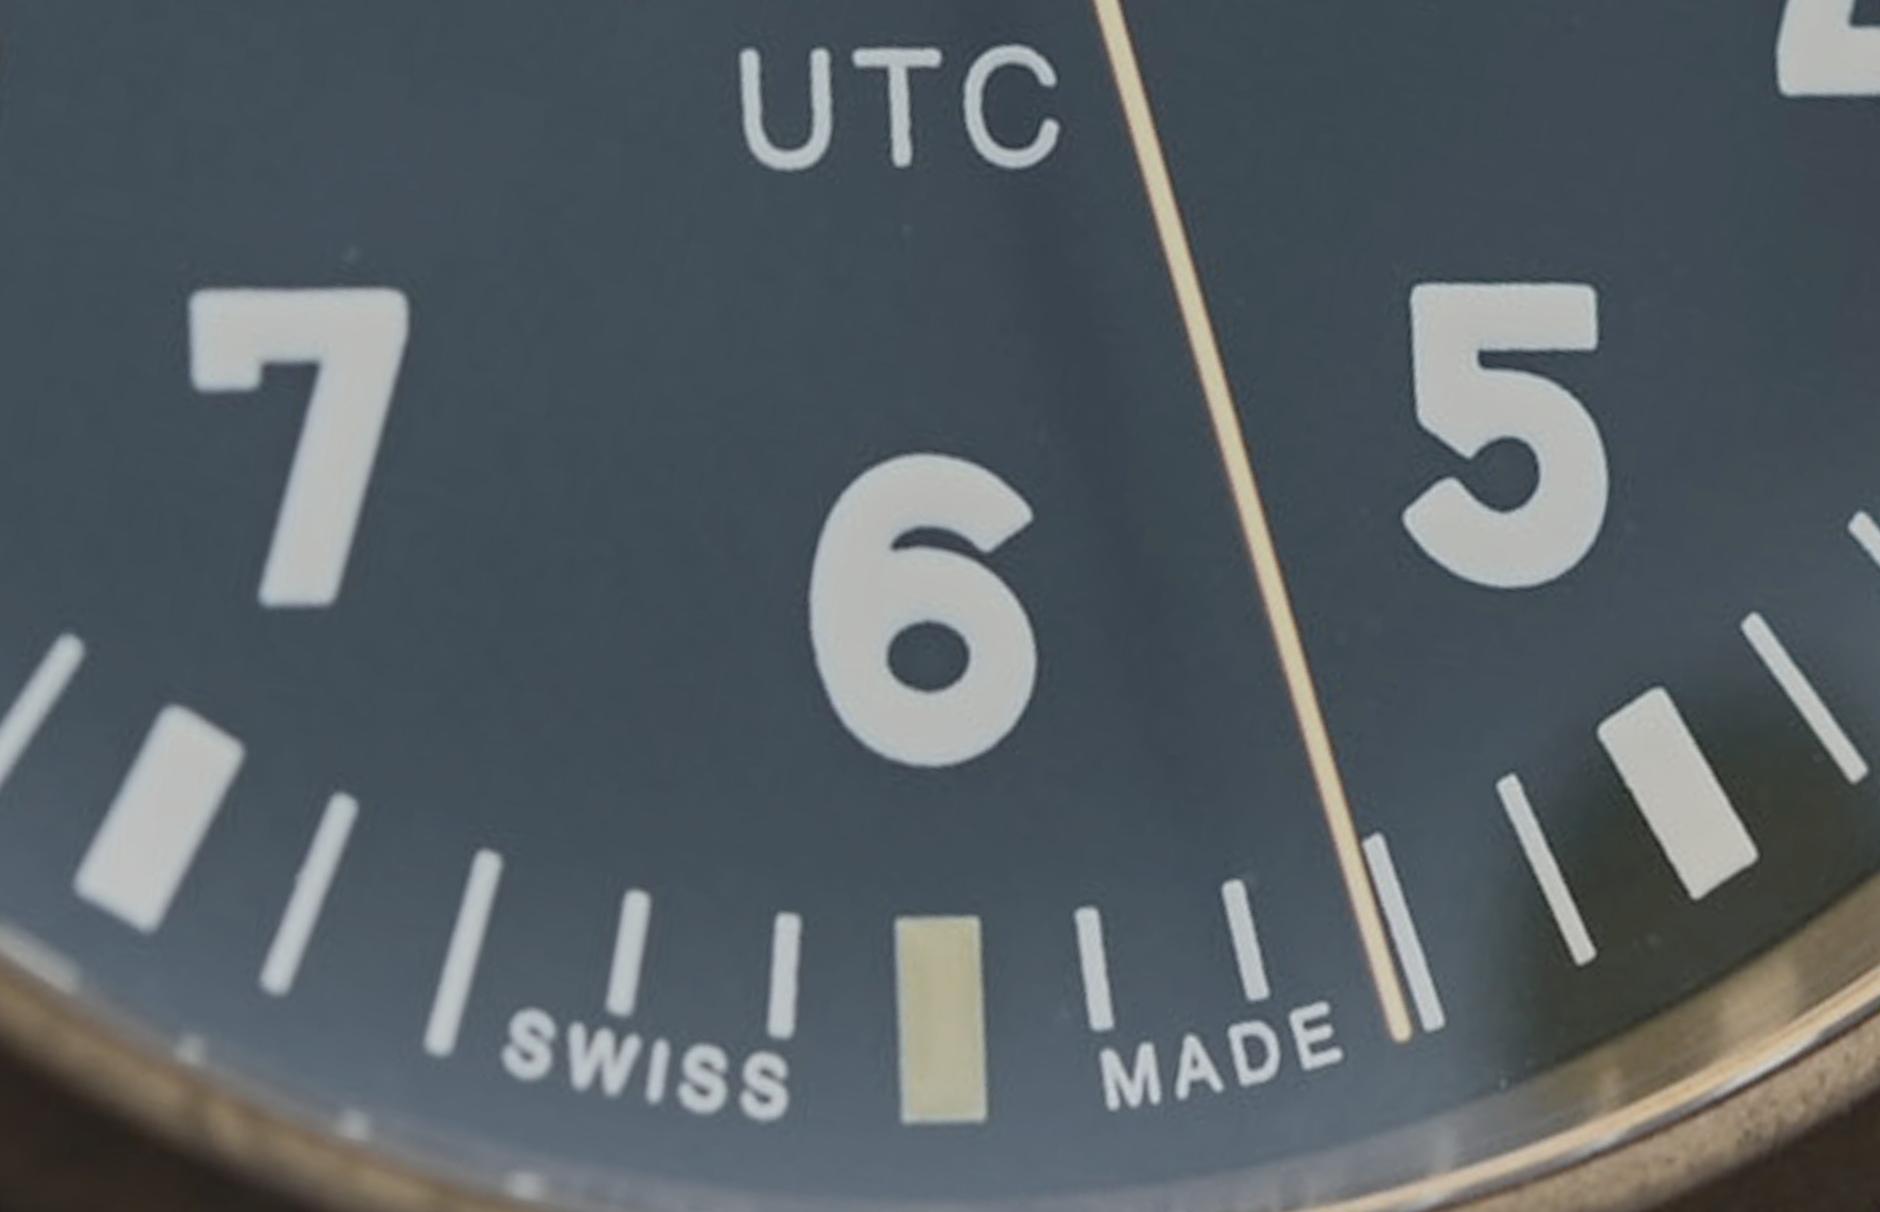 UTC versus WTC